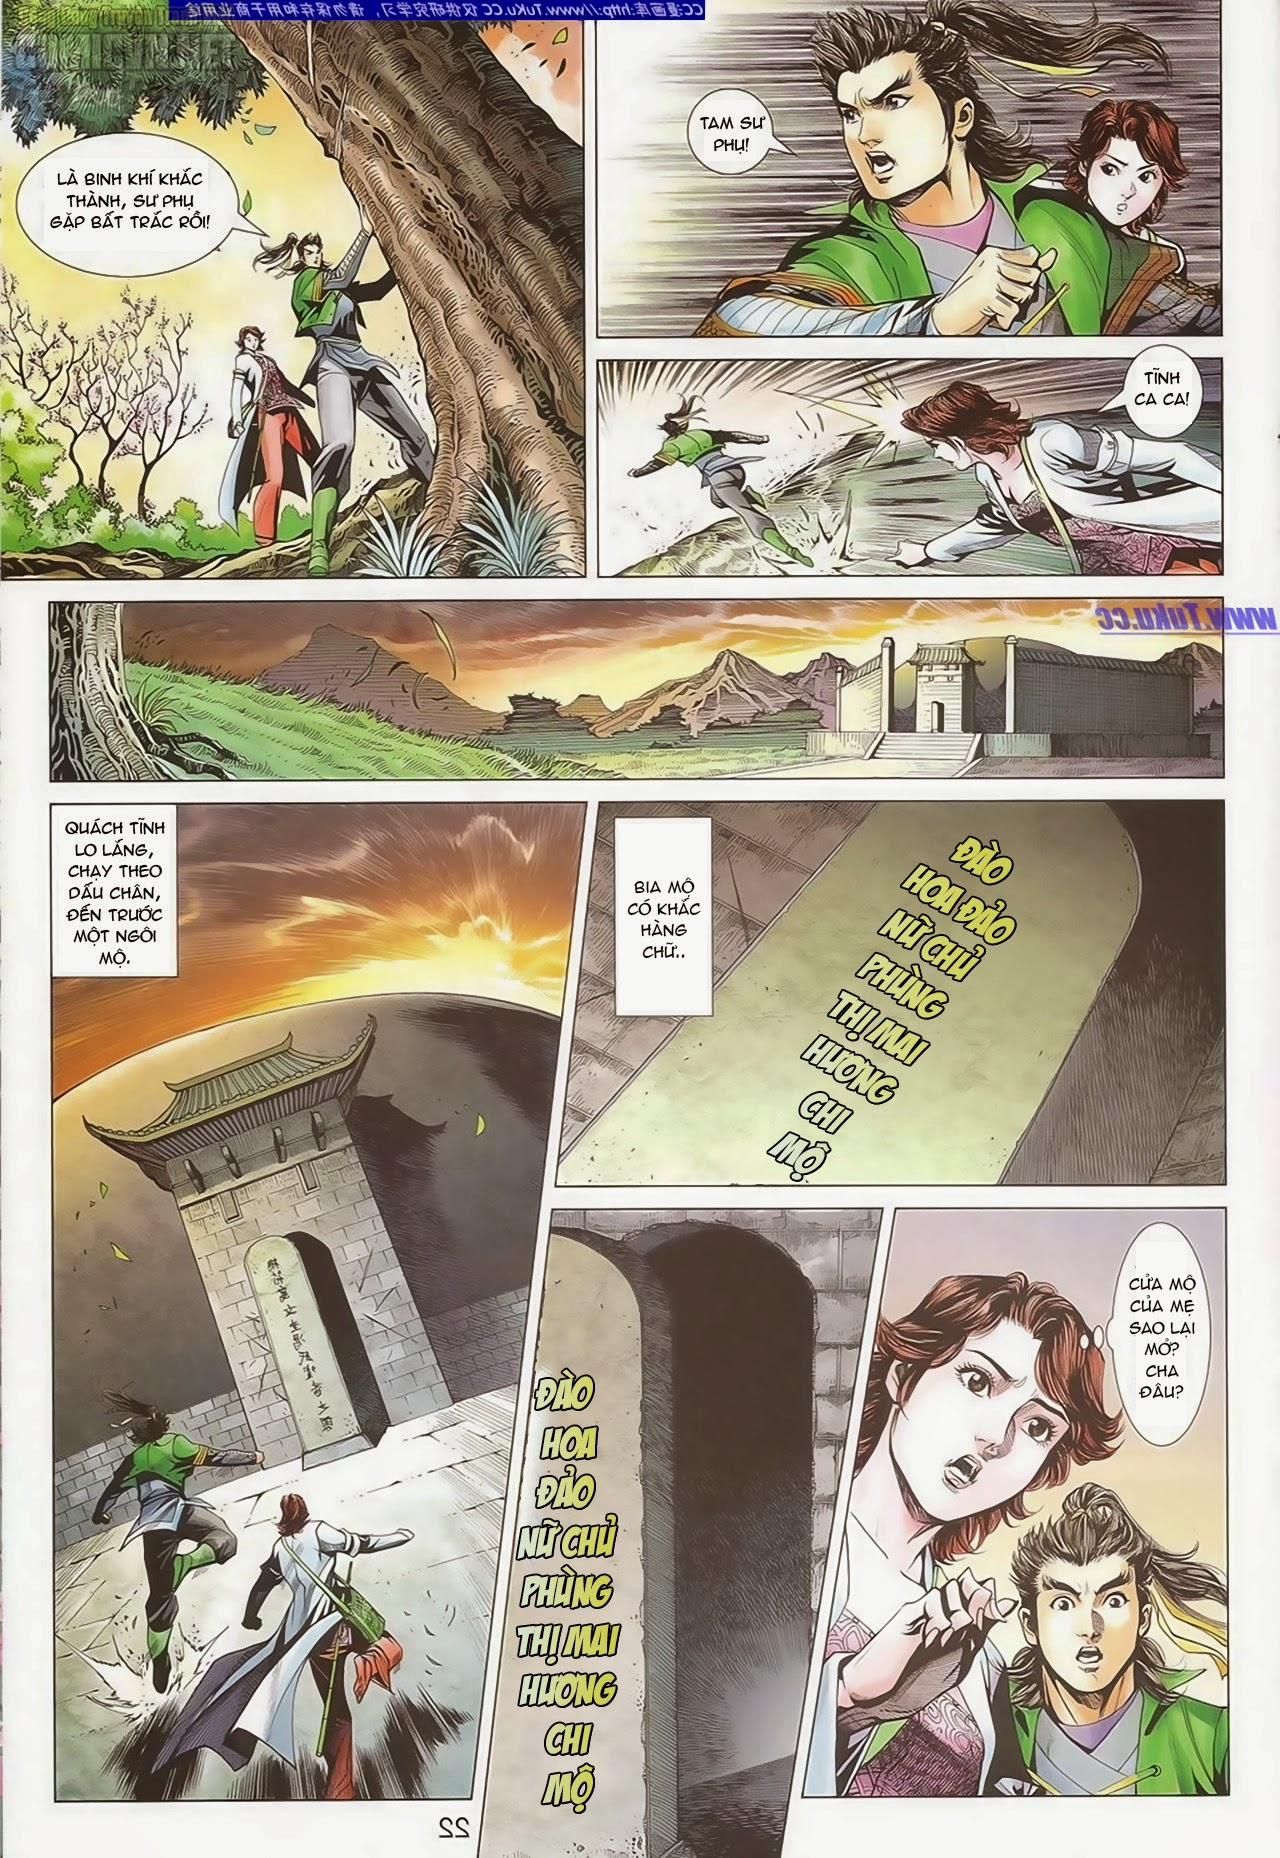 xem truyen moi - Anh Hùng Xạ Điêu - Chapter 84: Máu nhuộm Đảo Đào Hoa